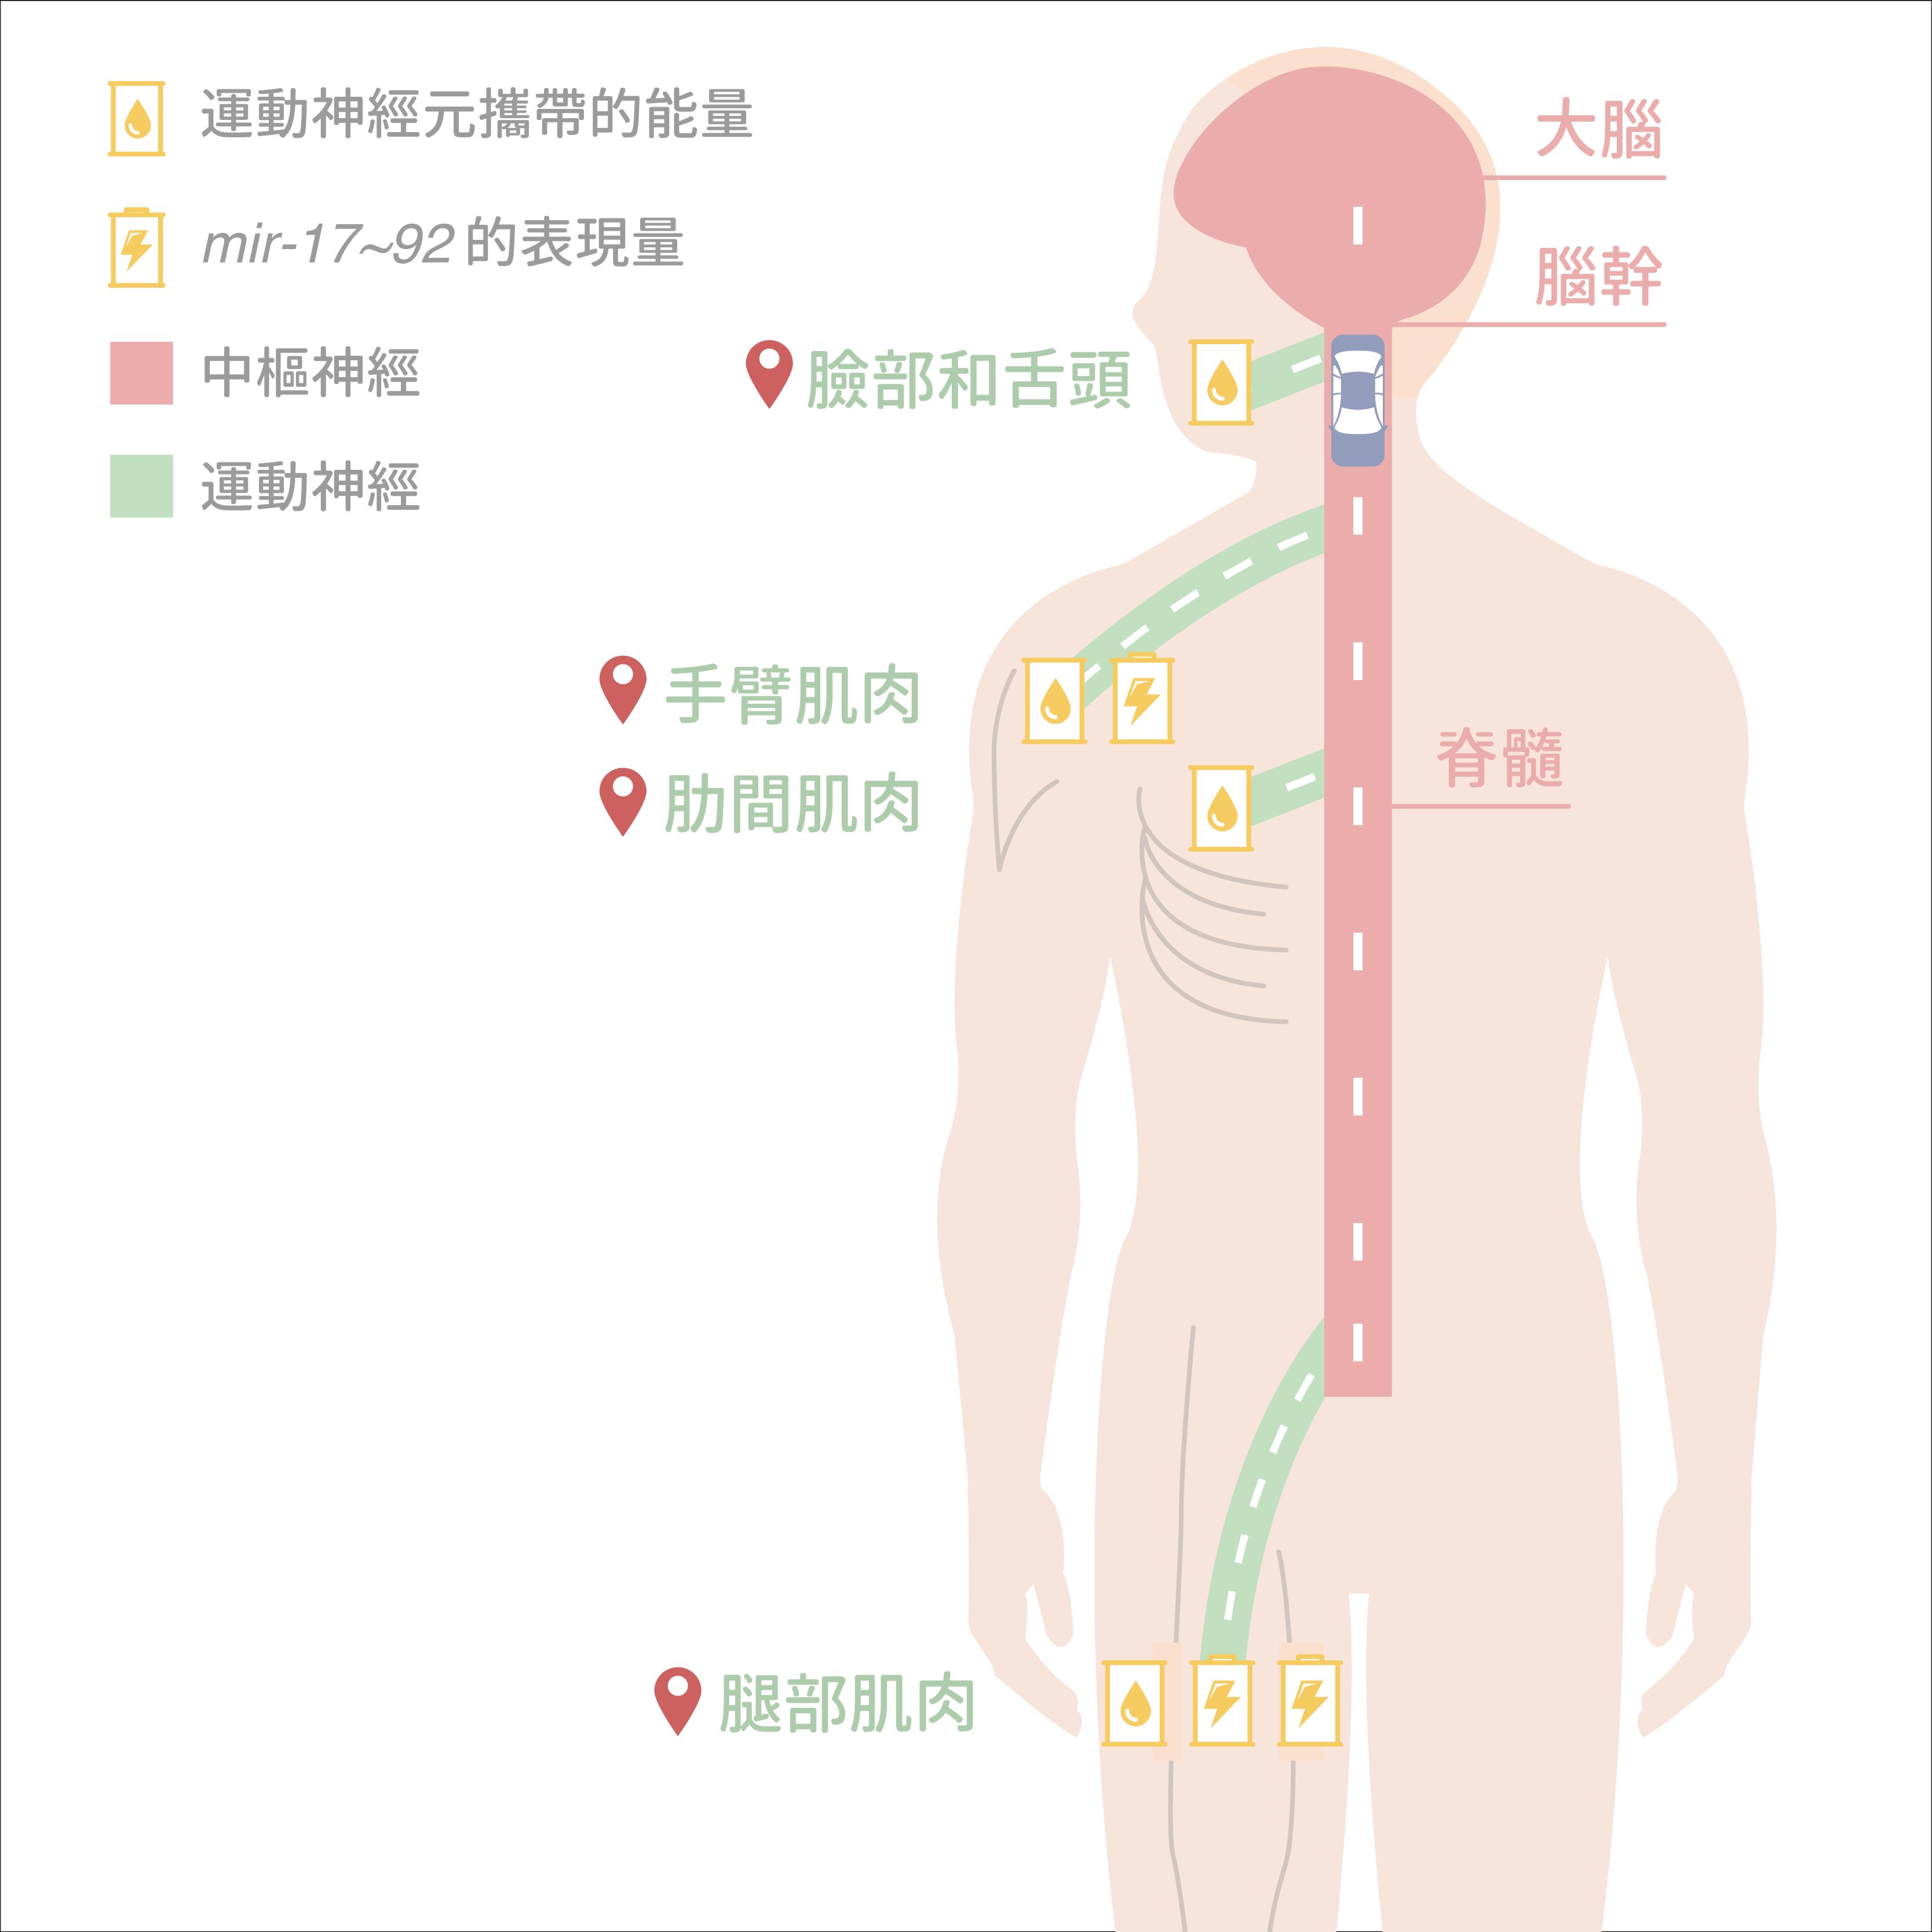 將人體比喻為台灣地圖,到達不同目的地的「運動神經」樹突長度相差很多, mir-17~92 在各種運動神經元內的表現量也不同。圖│研之有物 (資料來源│陳俊安)